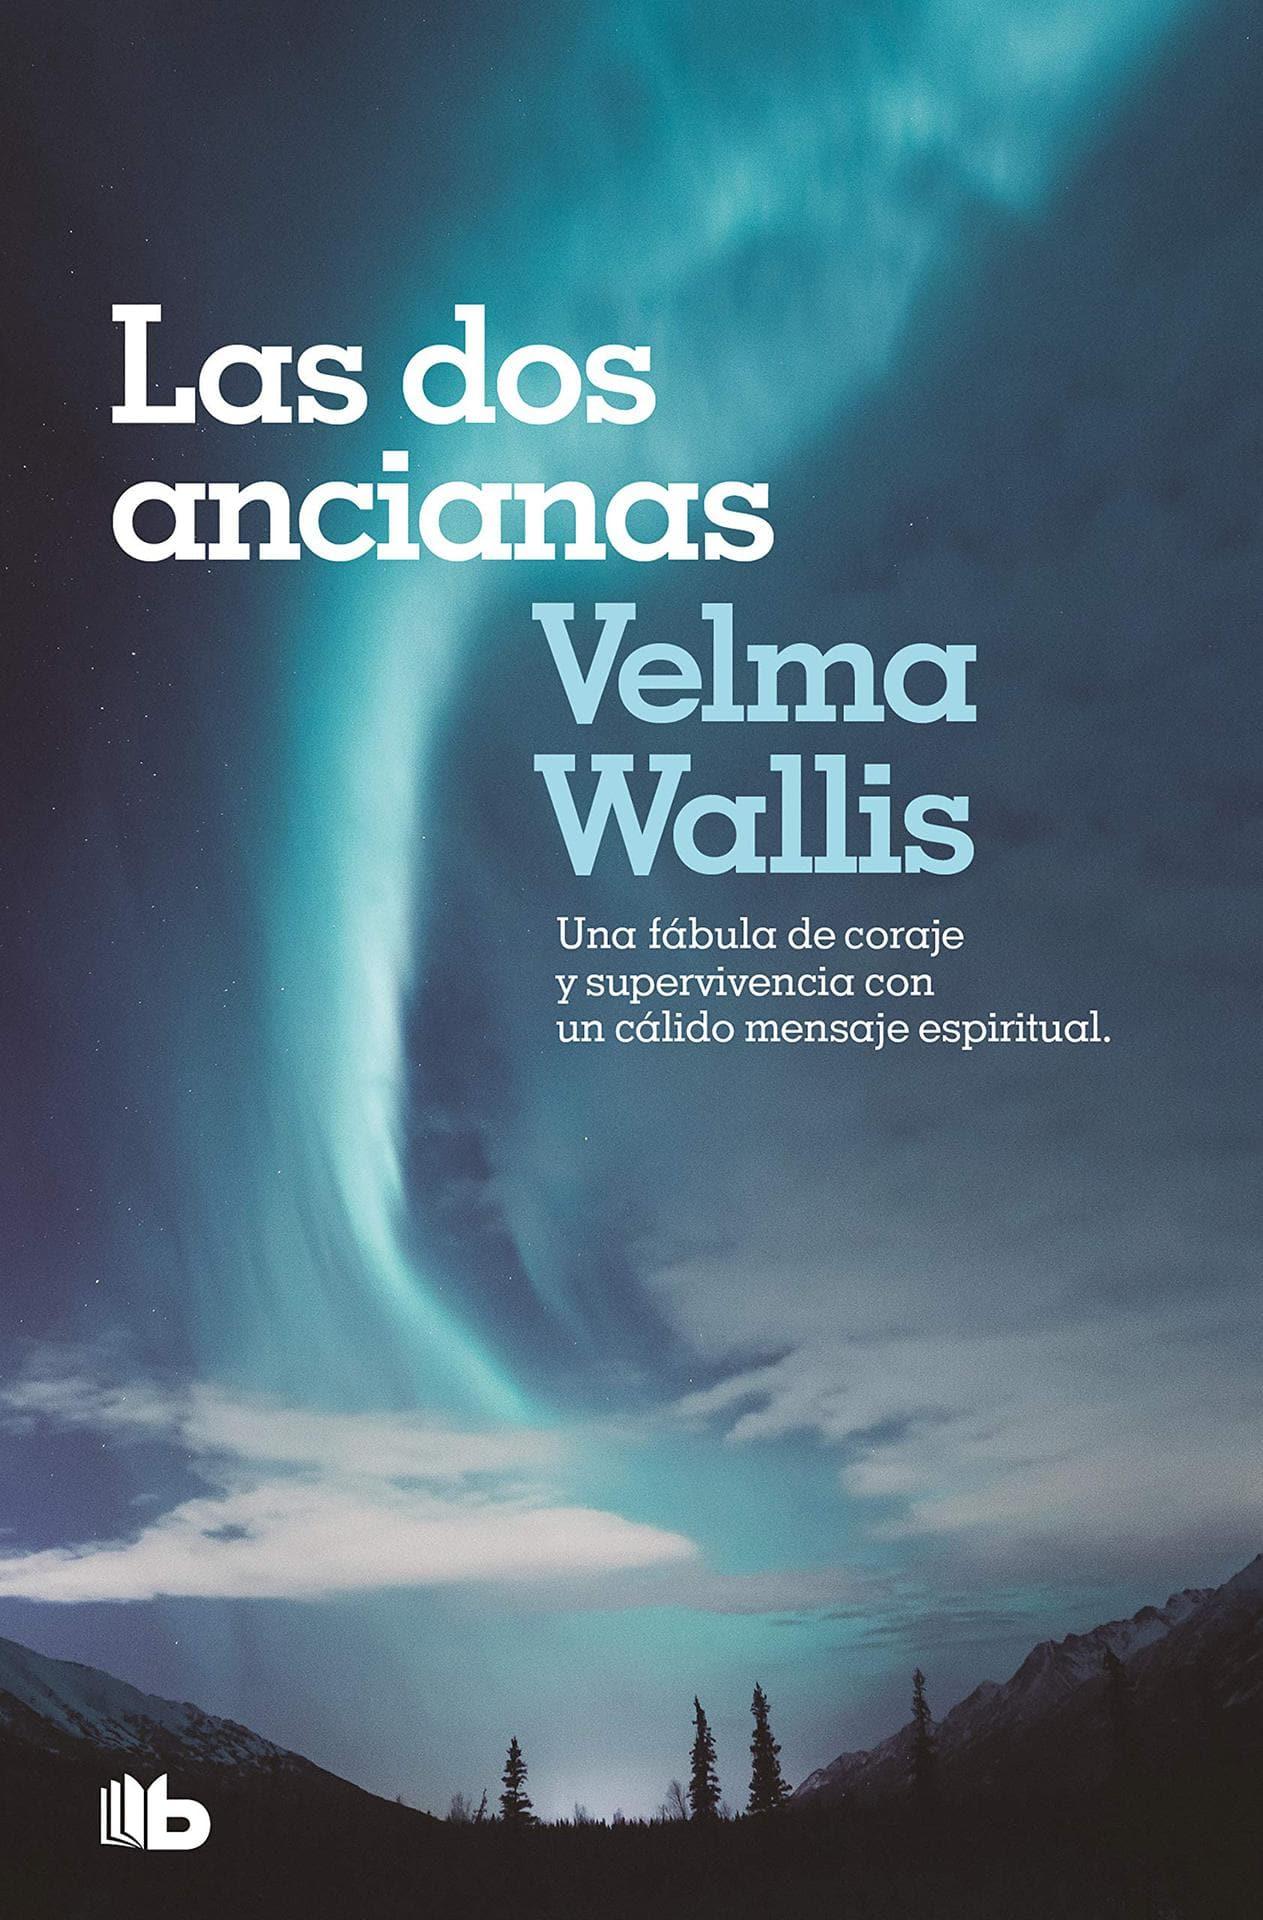 Las dos ancianas - Velma Wallis